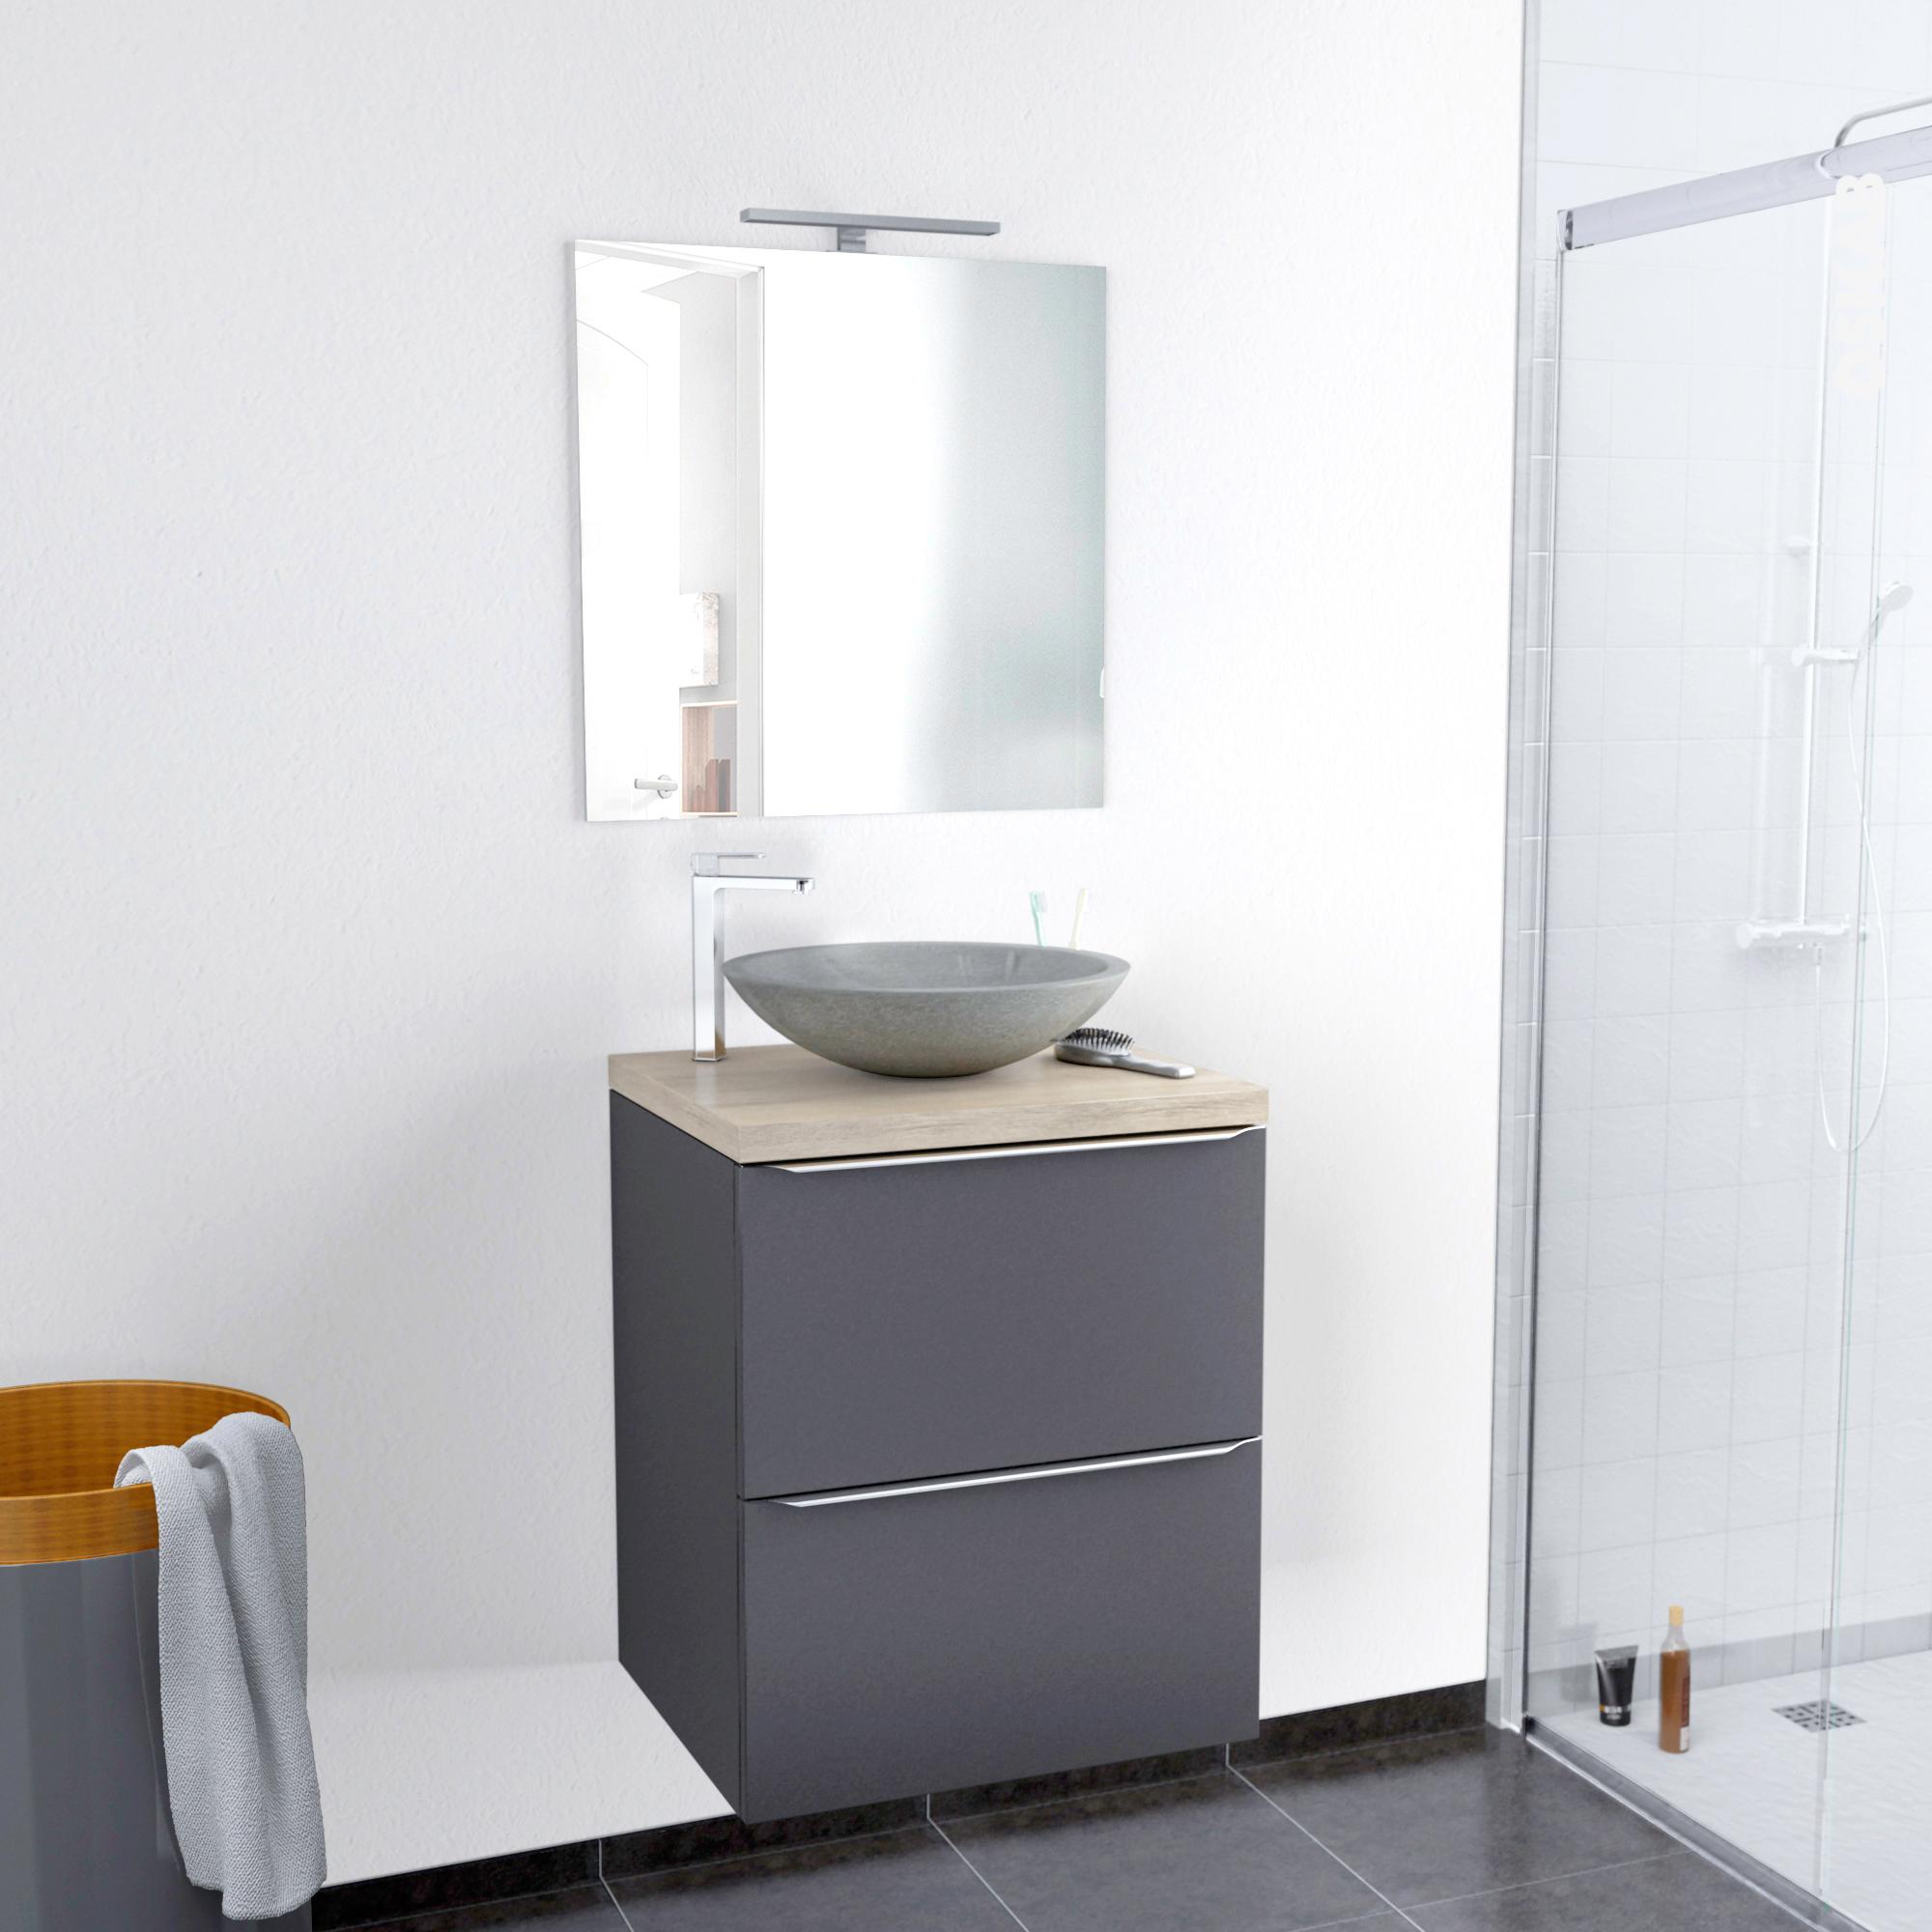 Meuble vasque salle de bain 60 cm 46155 salle de bain id es - Meuble de salle de bain 60 cm ...